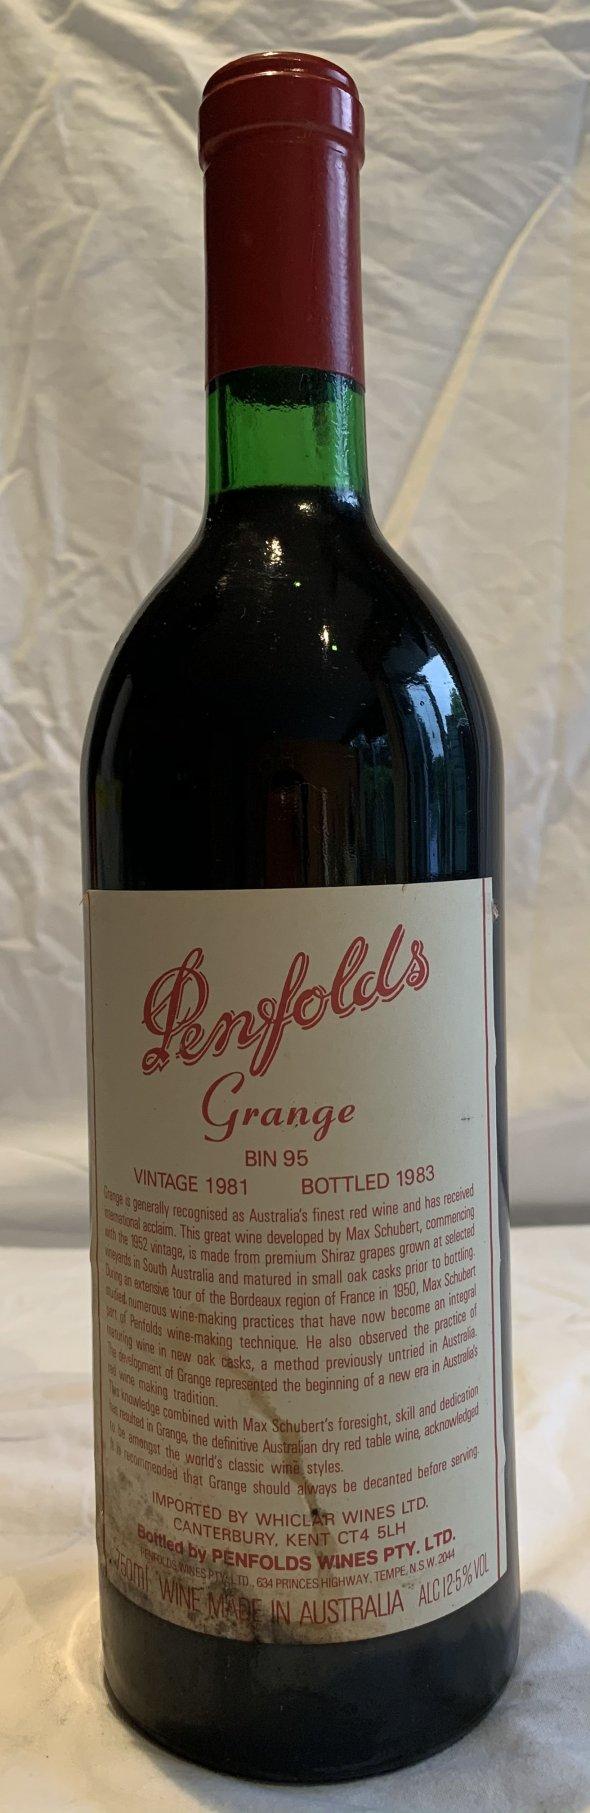 Penfolds grange vintage 1981